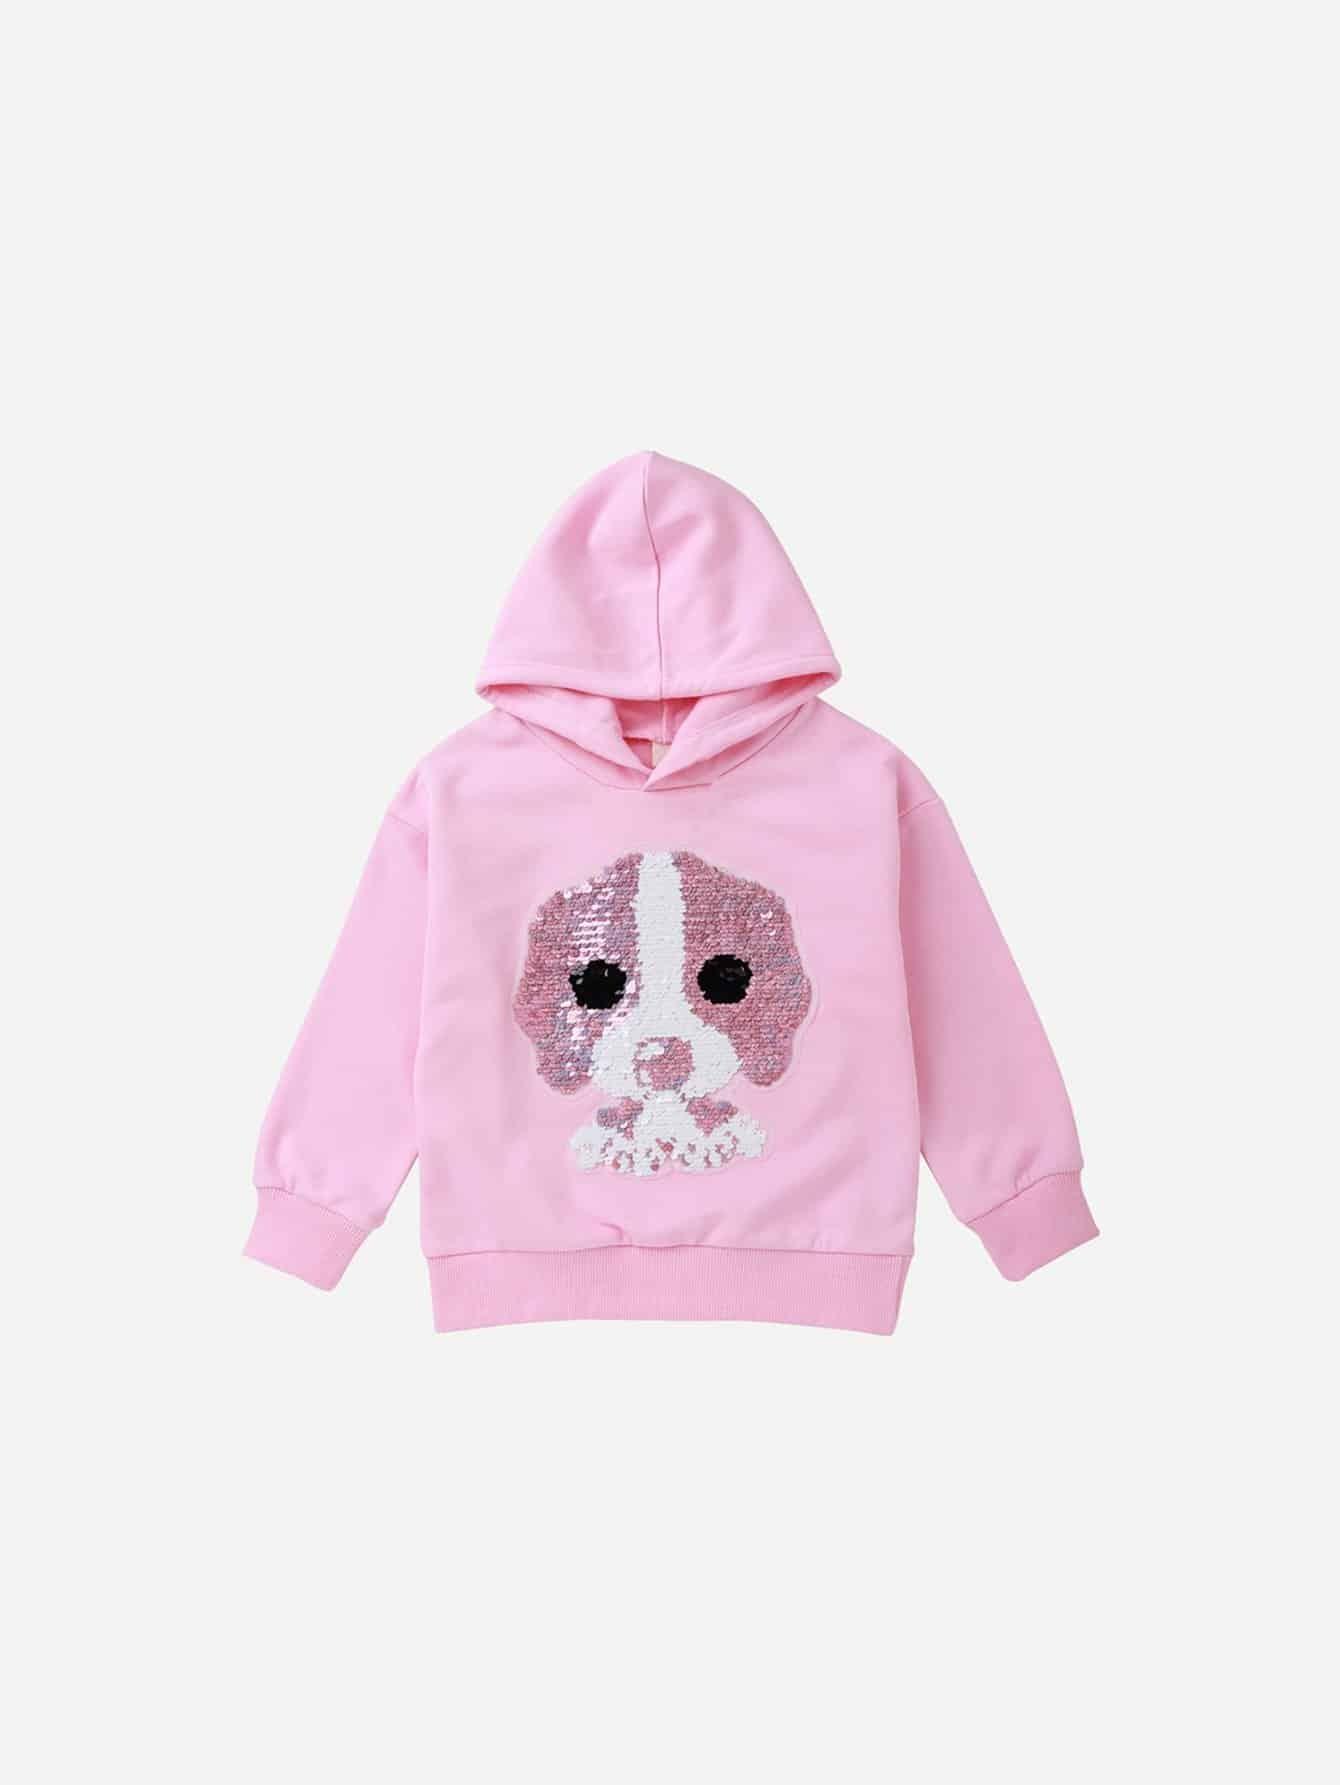 Купить Пуловер с рисунком собаки и со симметрическими пайетки для девочки, null, SheIn